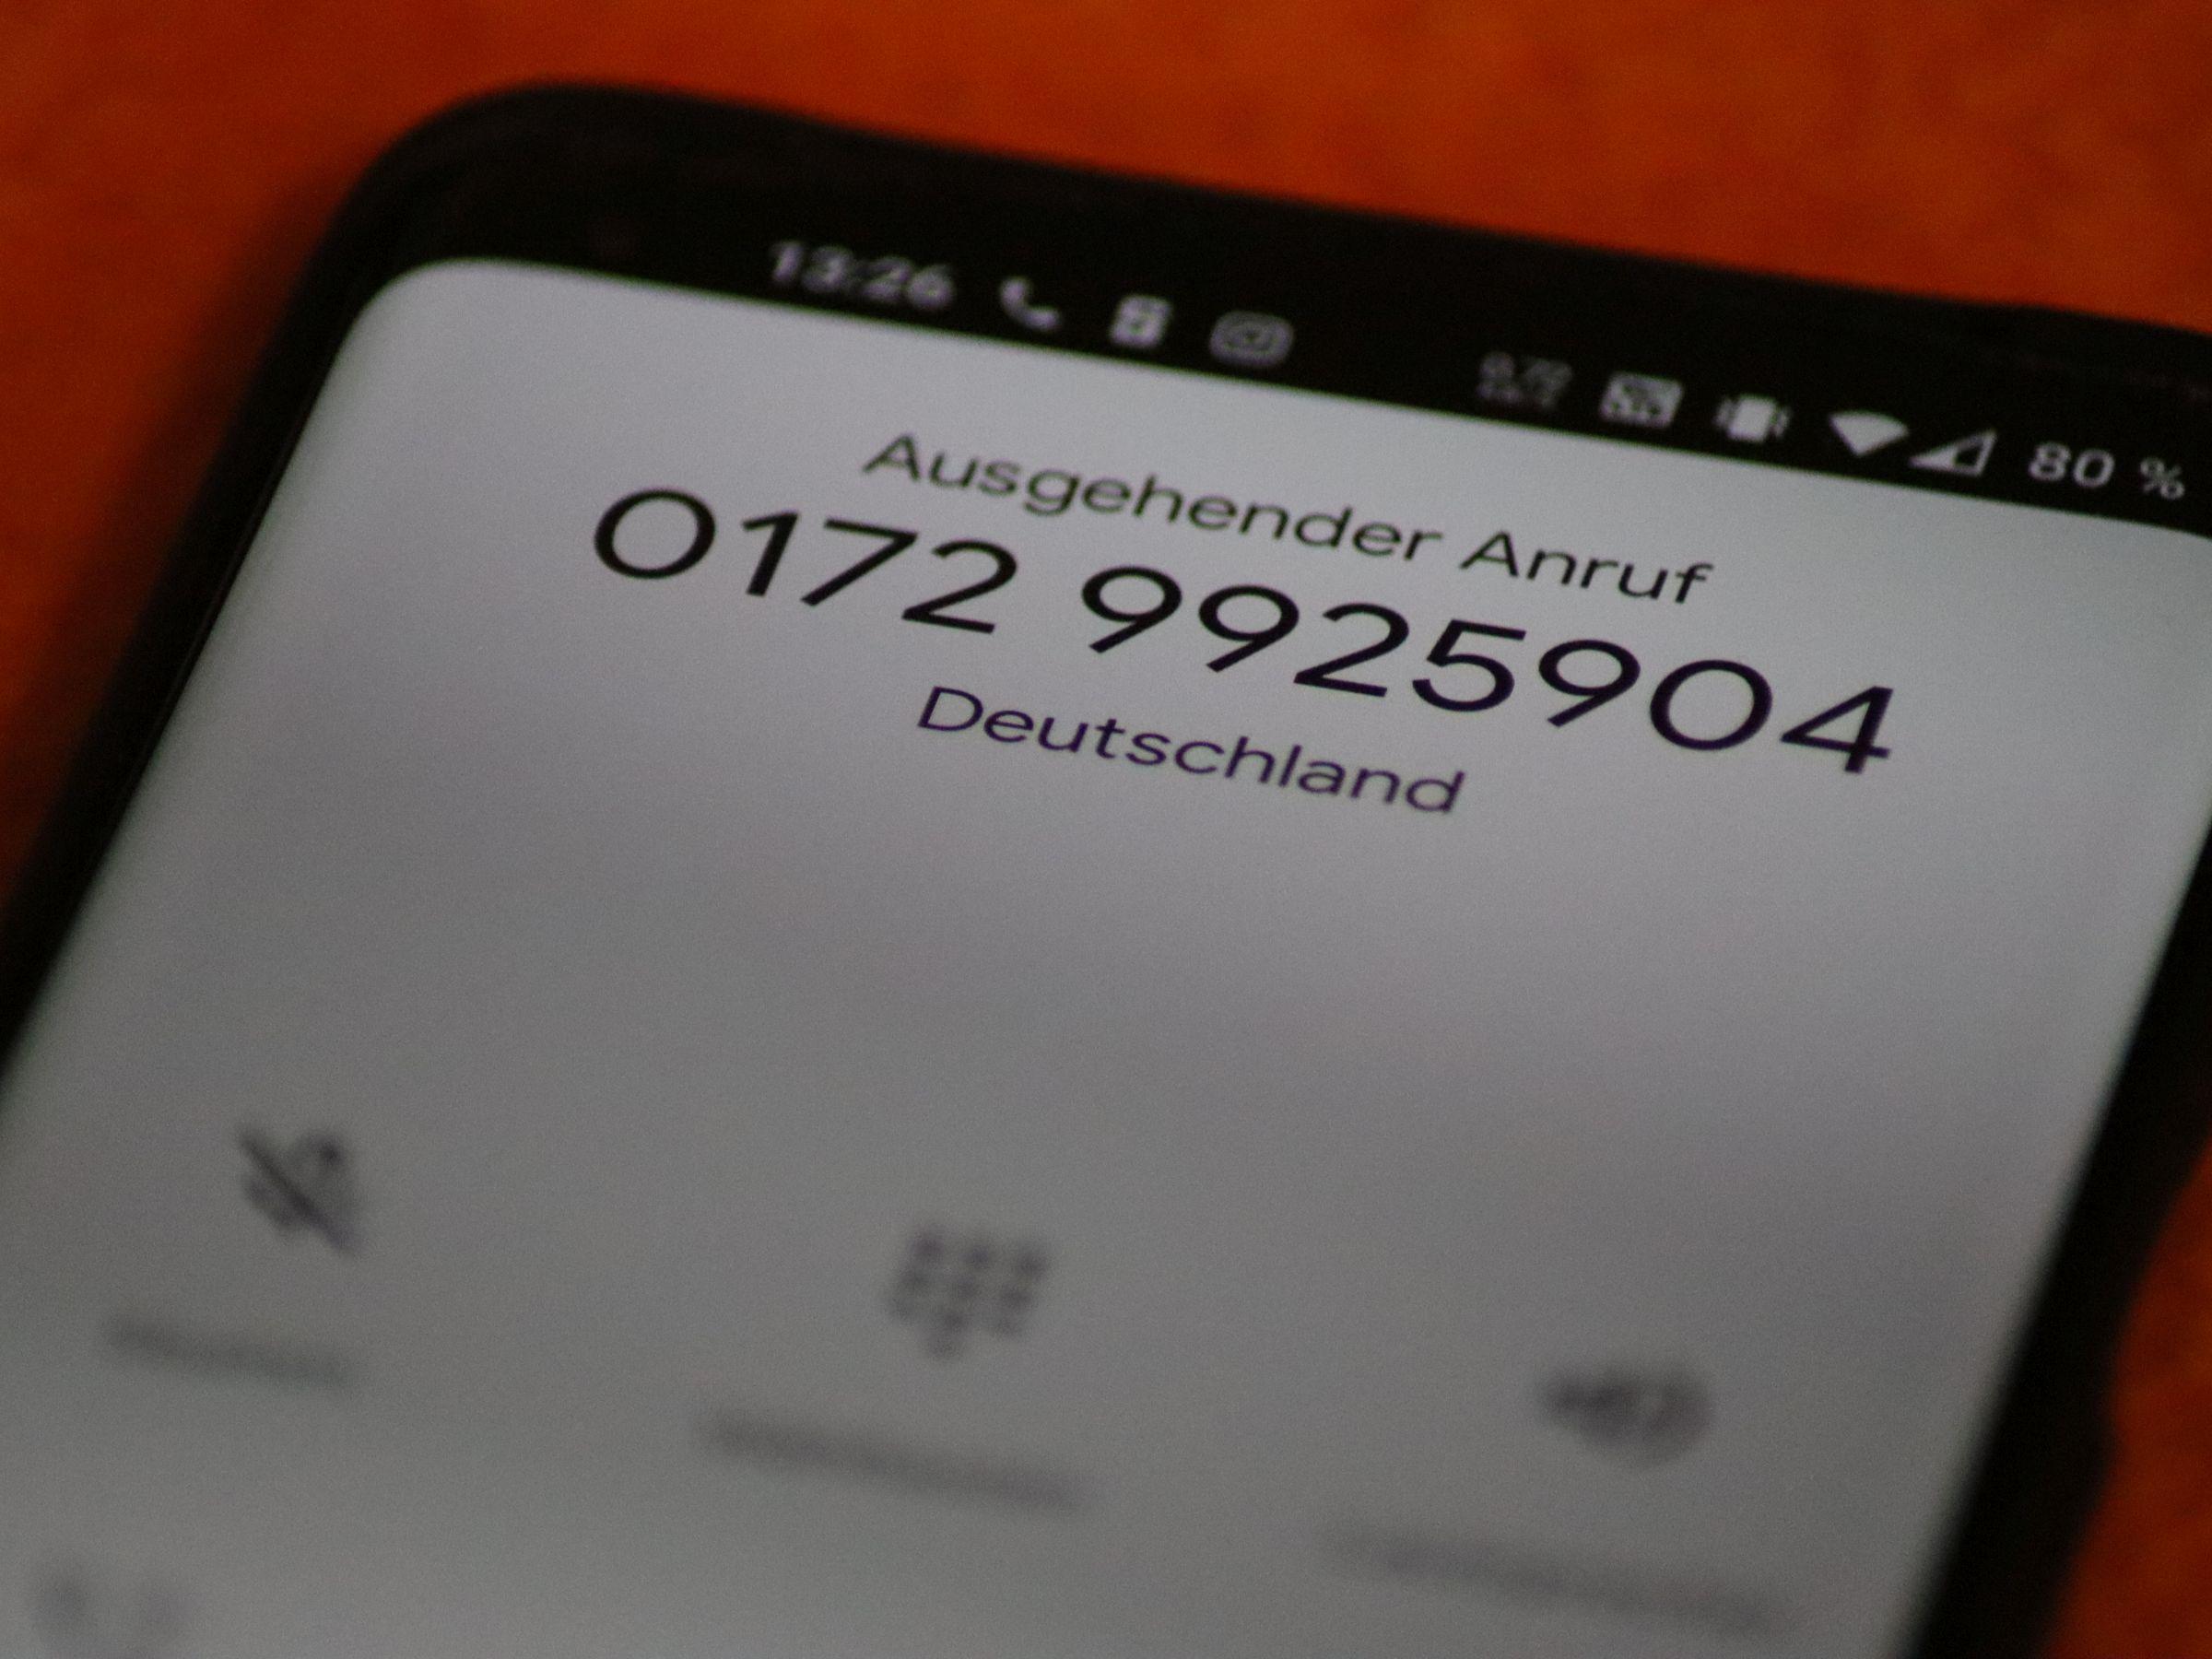 Kurioser-Grund-Unter-diesen-Telefonnummern-wirst-du-nie-jemanden-erreichen